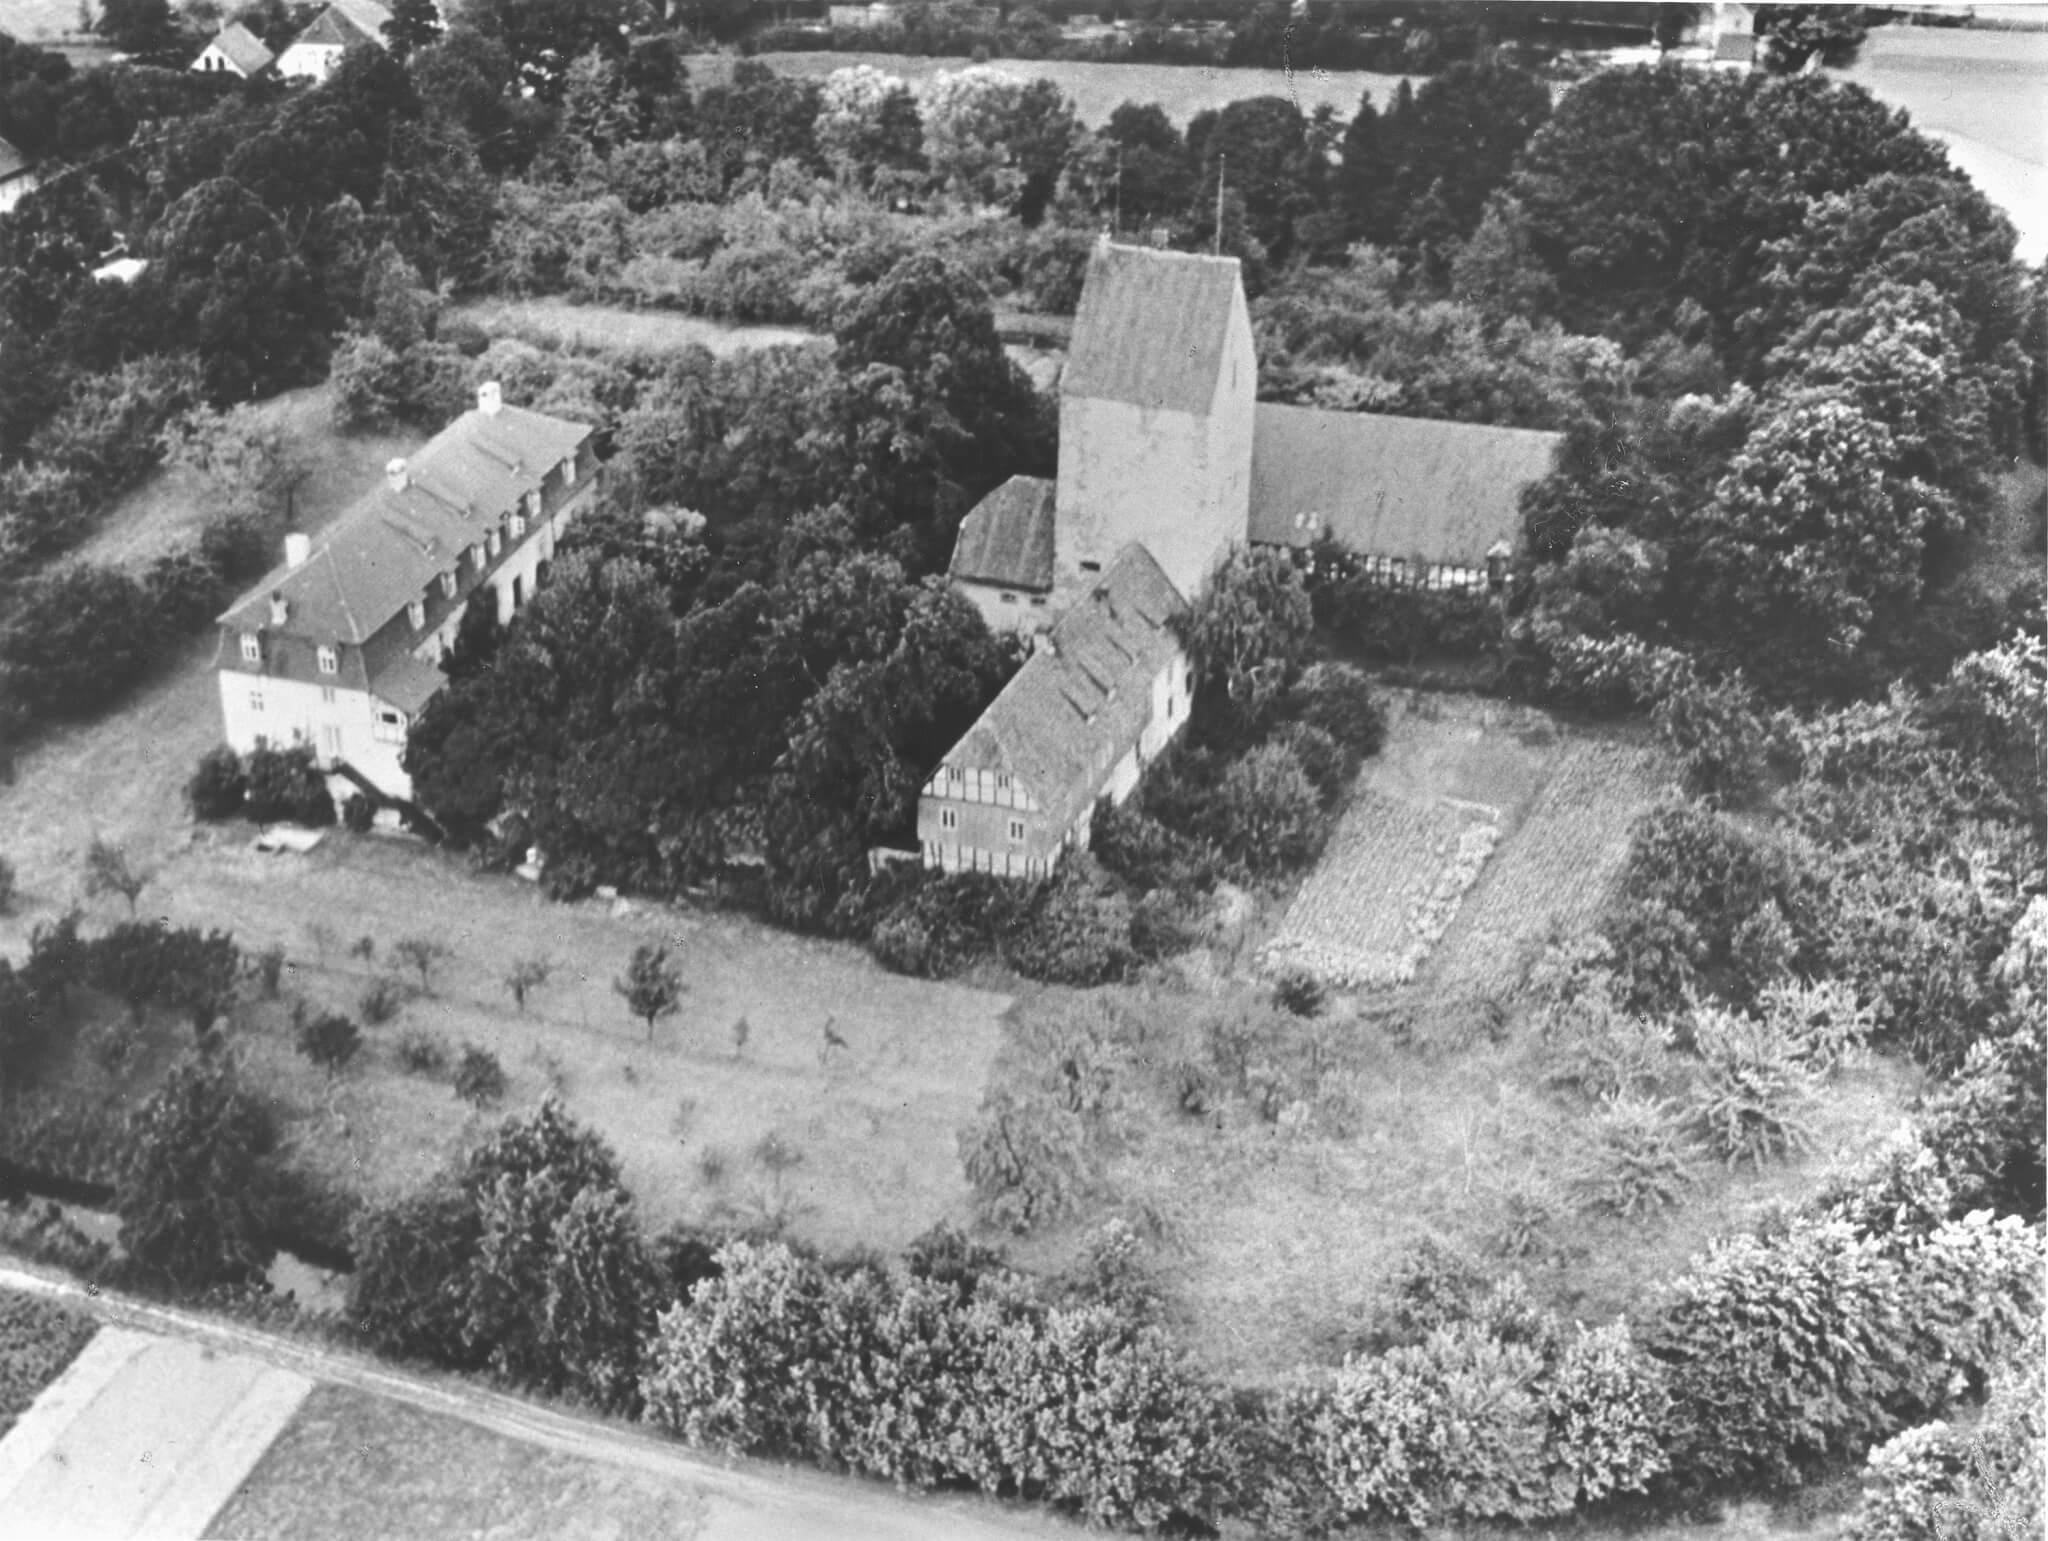 Alte schwarzweiß Luftaufnahme der Burg Wittlage